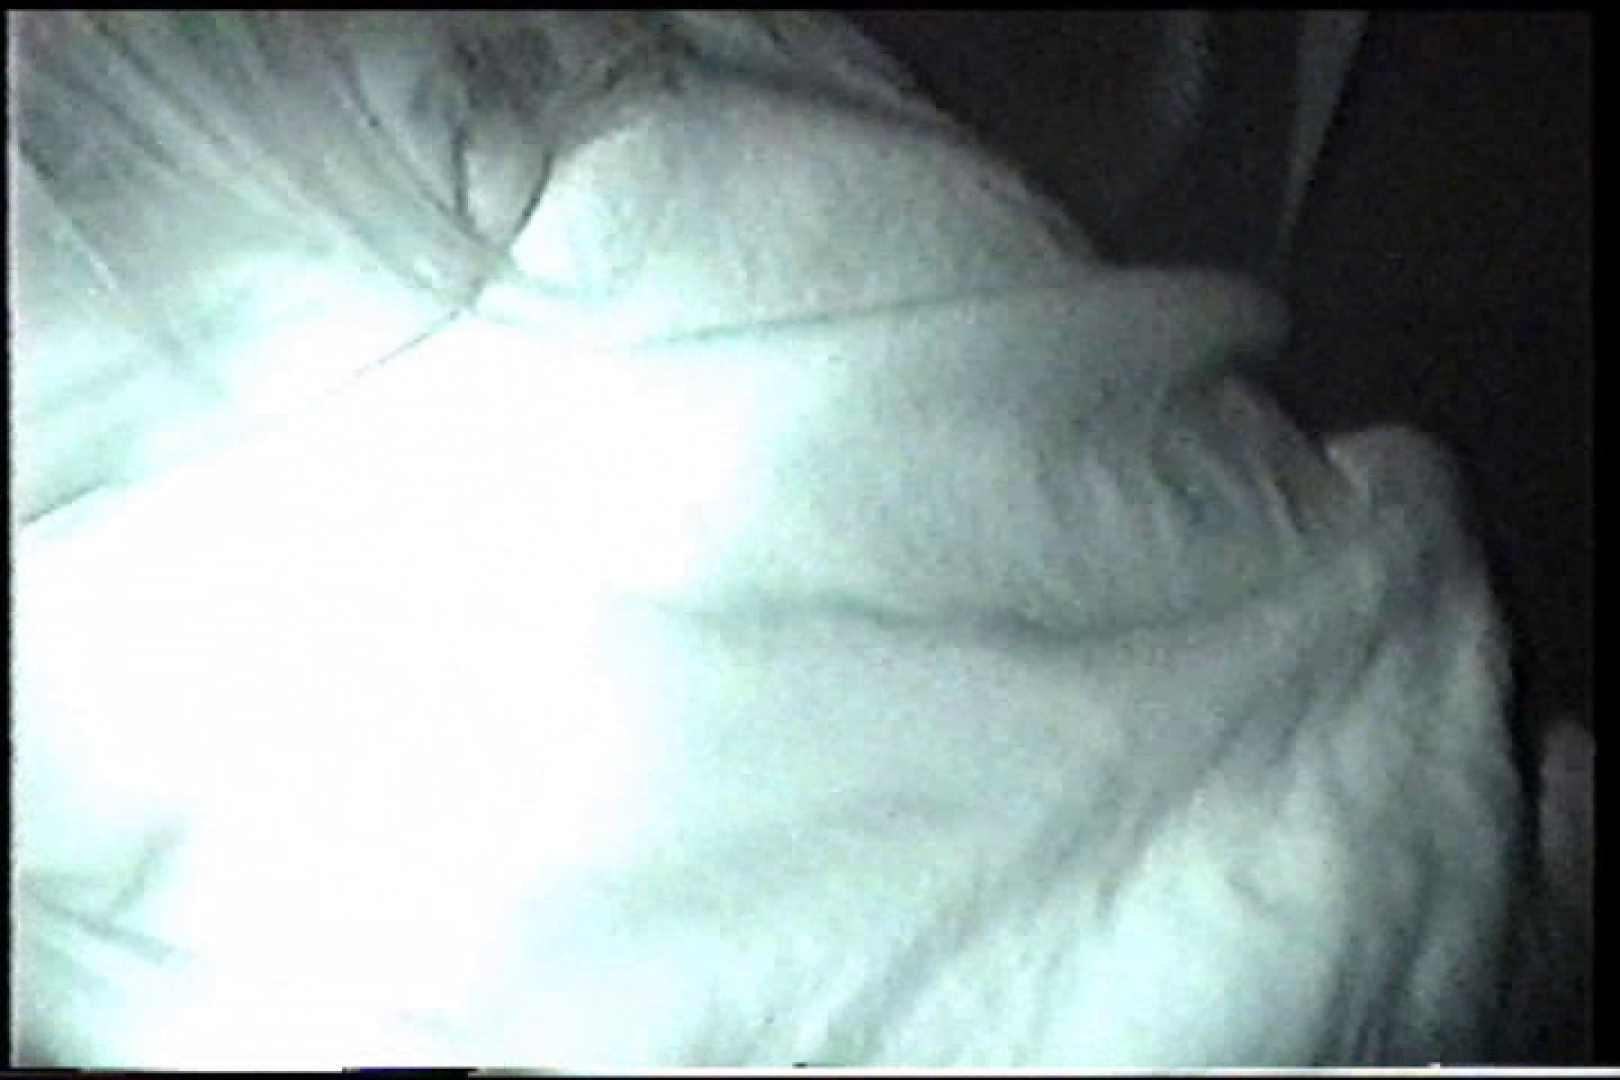 充血監督の深夜の運動会Vol.214 後編. パイパン AV動画キャプチャ 88pic 22